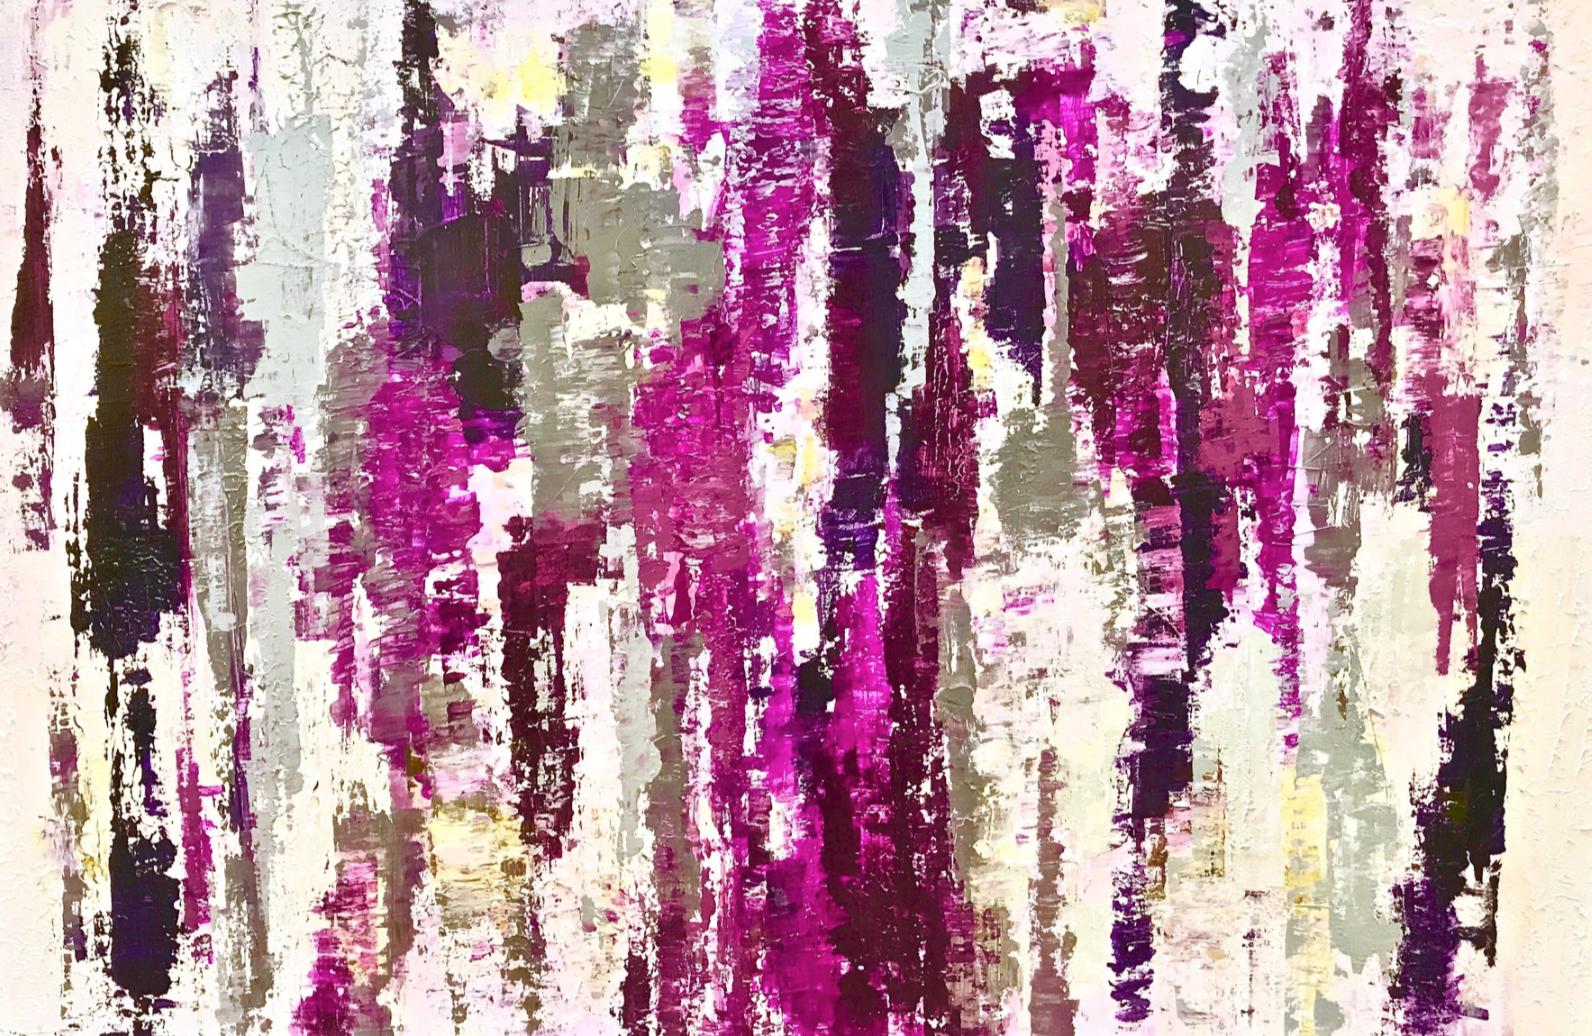 Title: Purple Dream